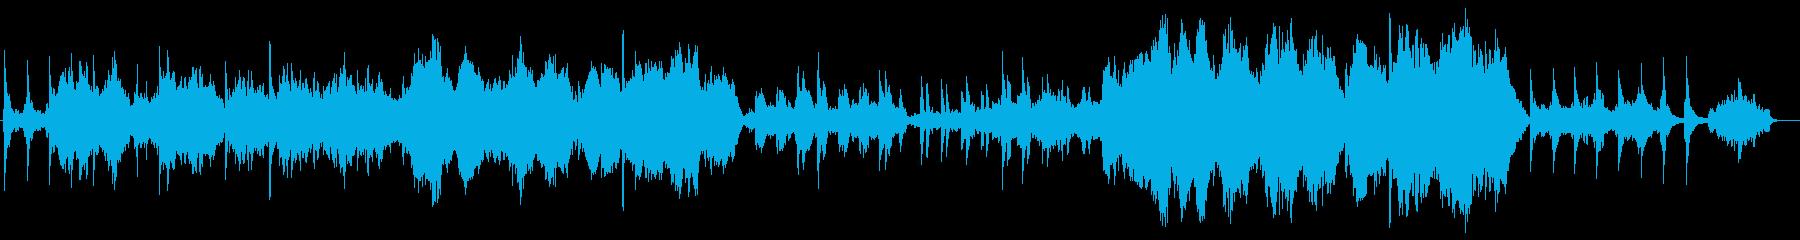 穏やかなメロディーのオーケストラ曲の再生済みの波形